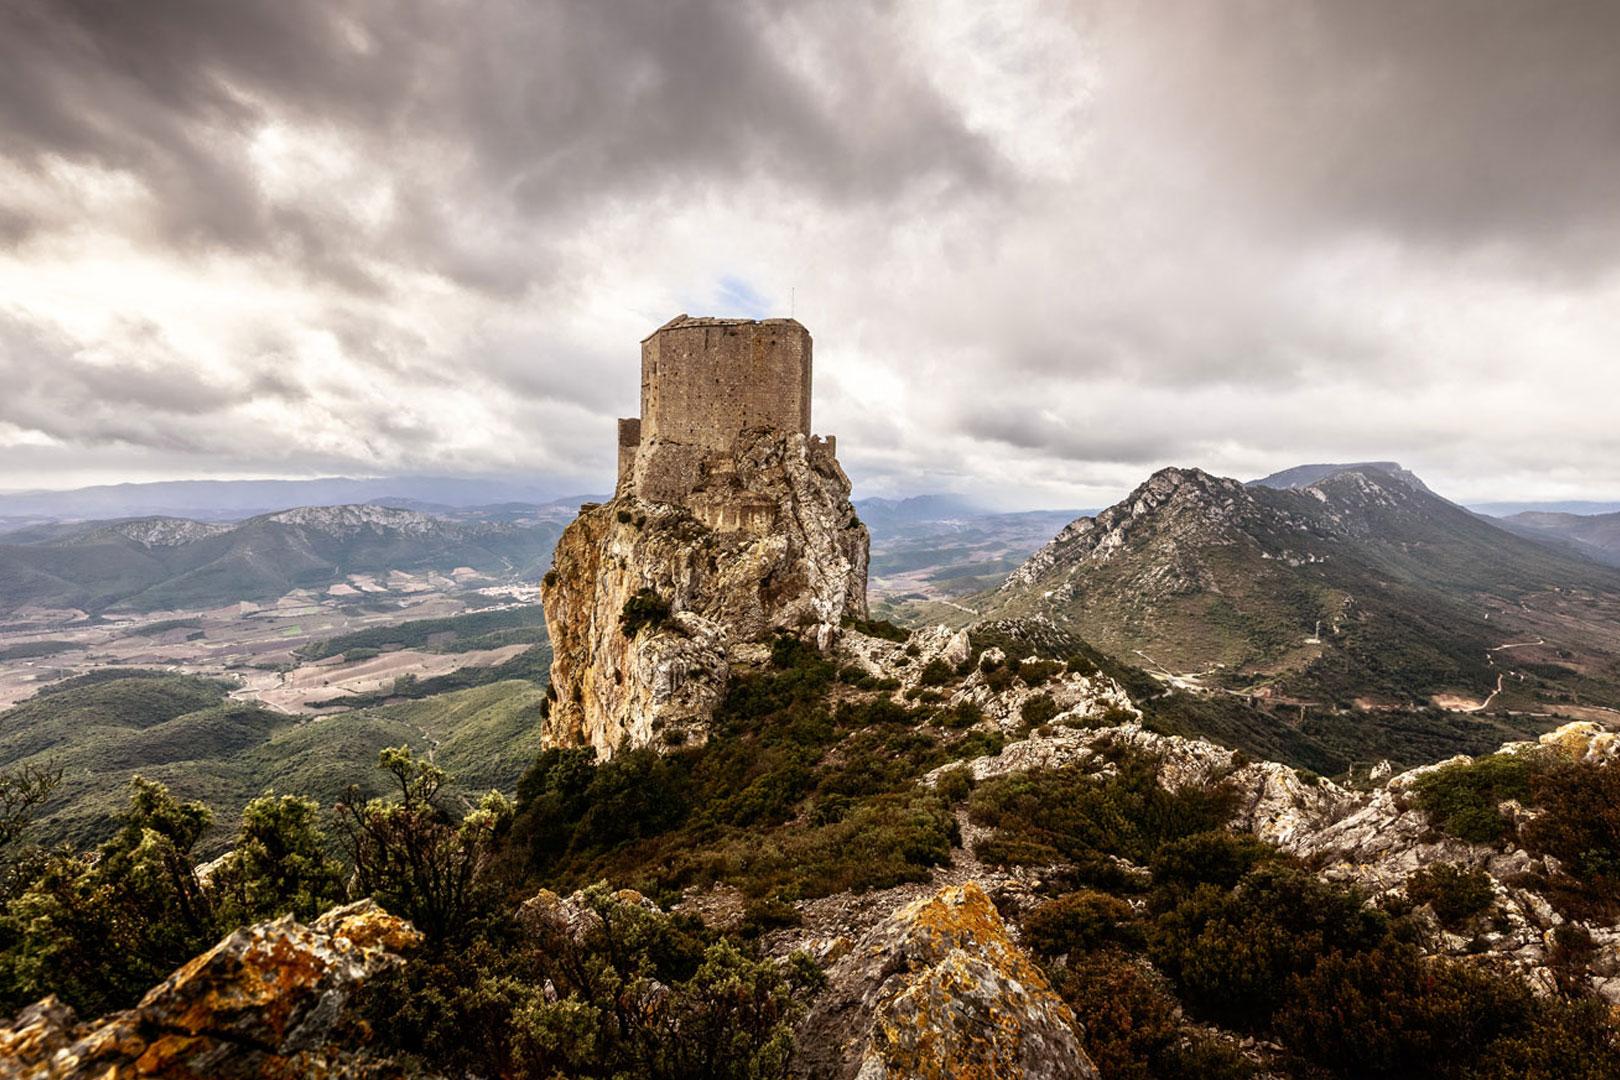 Cet exceptionnel panorama à 360°, qui porte à plus de 35 km de rayon, permet ainsi d'embrasser une grande diversité de paysages, alternant entre crêtes montagneuses, vallées viticoles encaissées, versants couverts de garrigue et boisements de chênes verts.